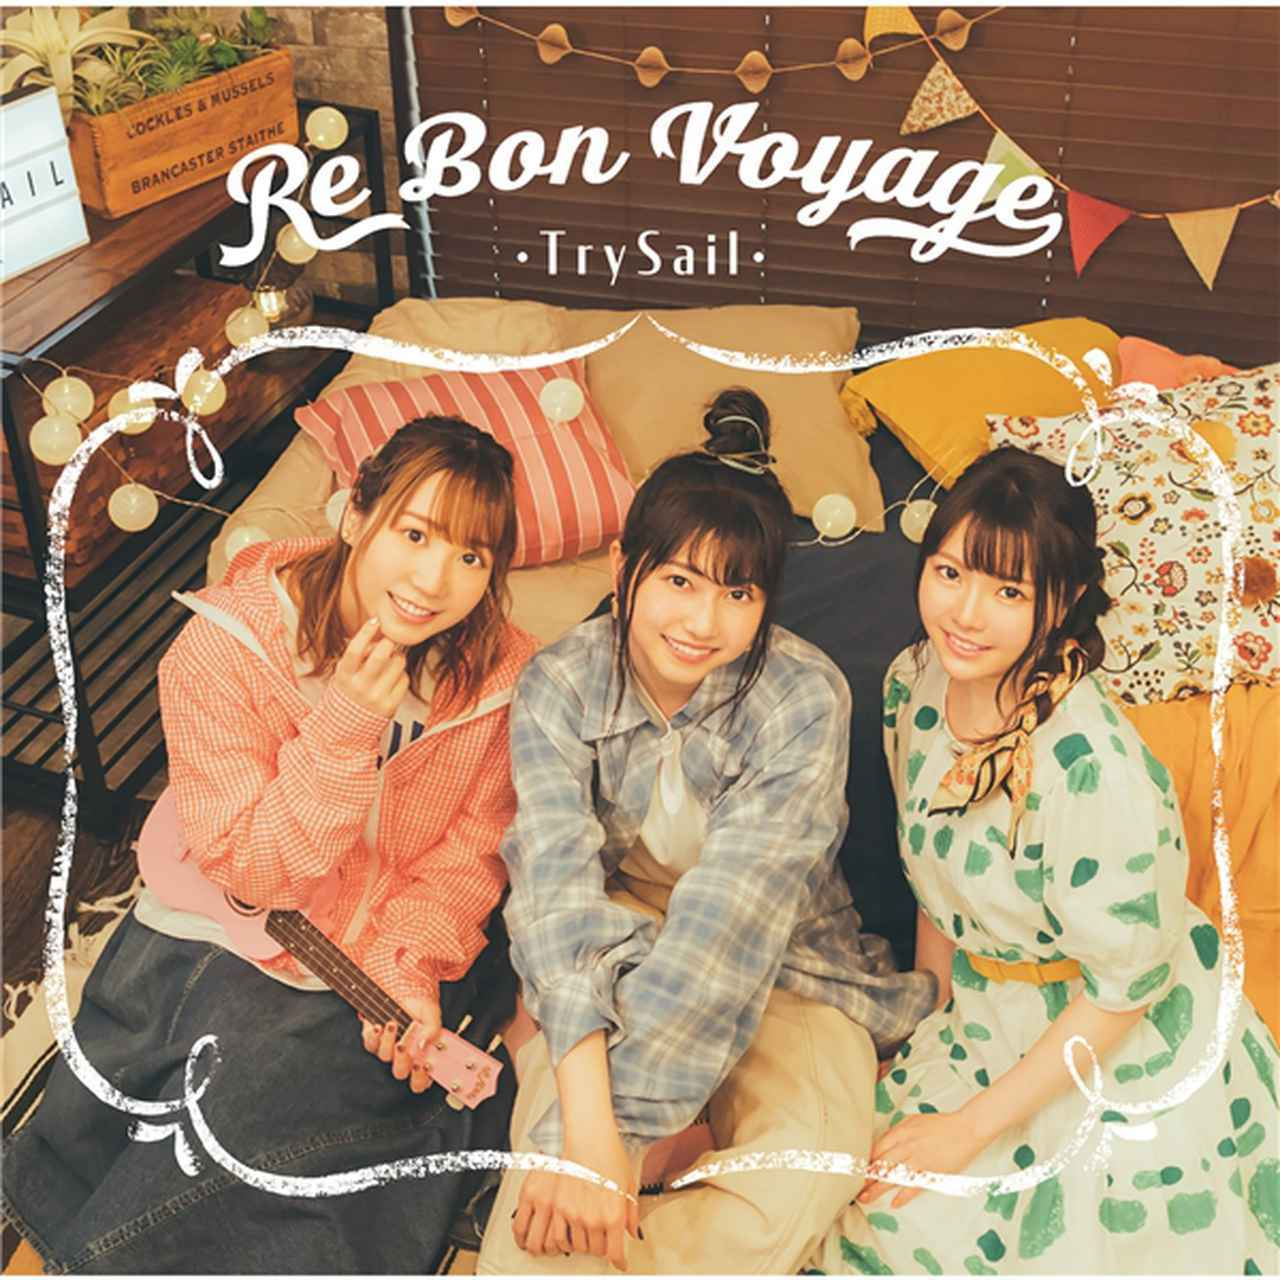 画像: Re Bon Voyage / TrySail